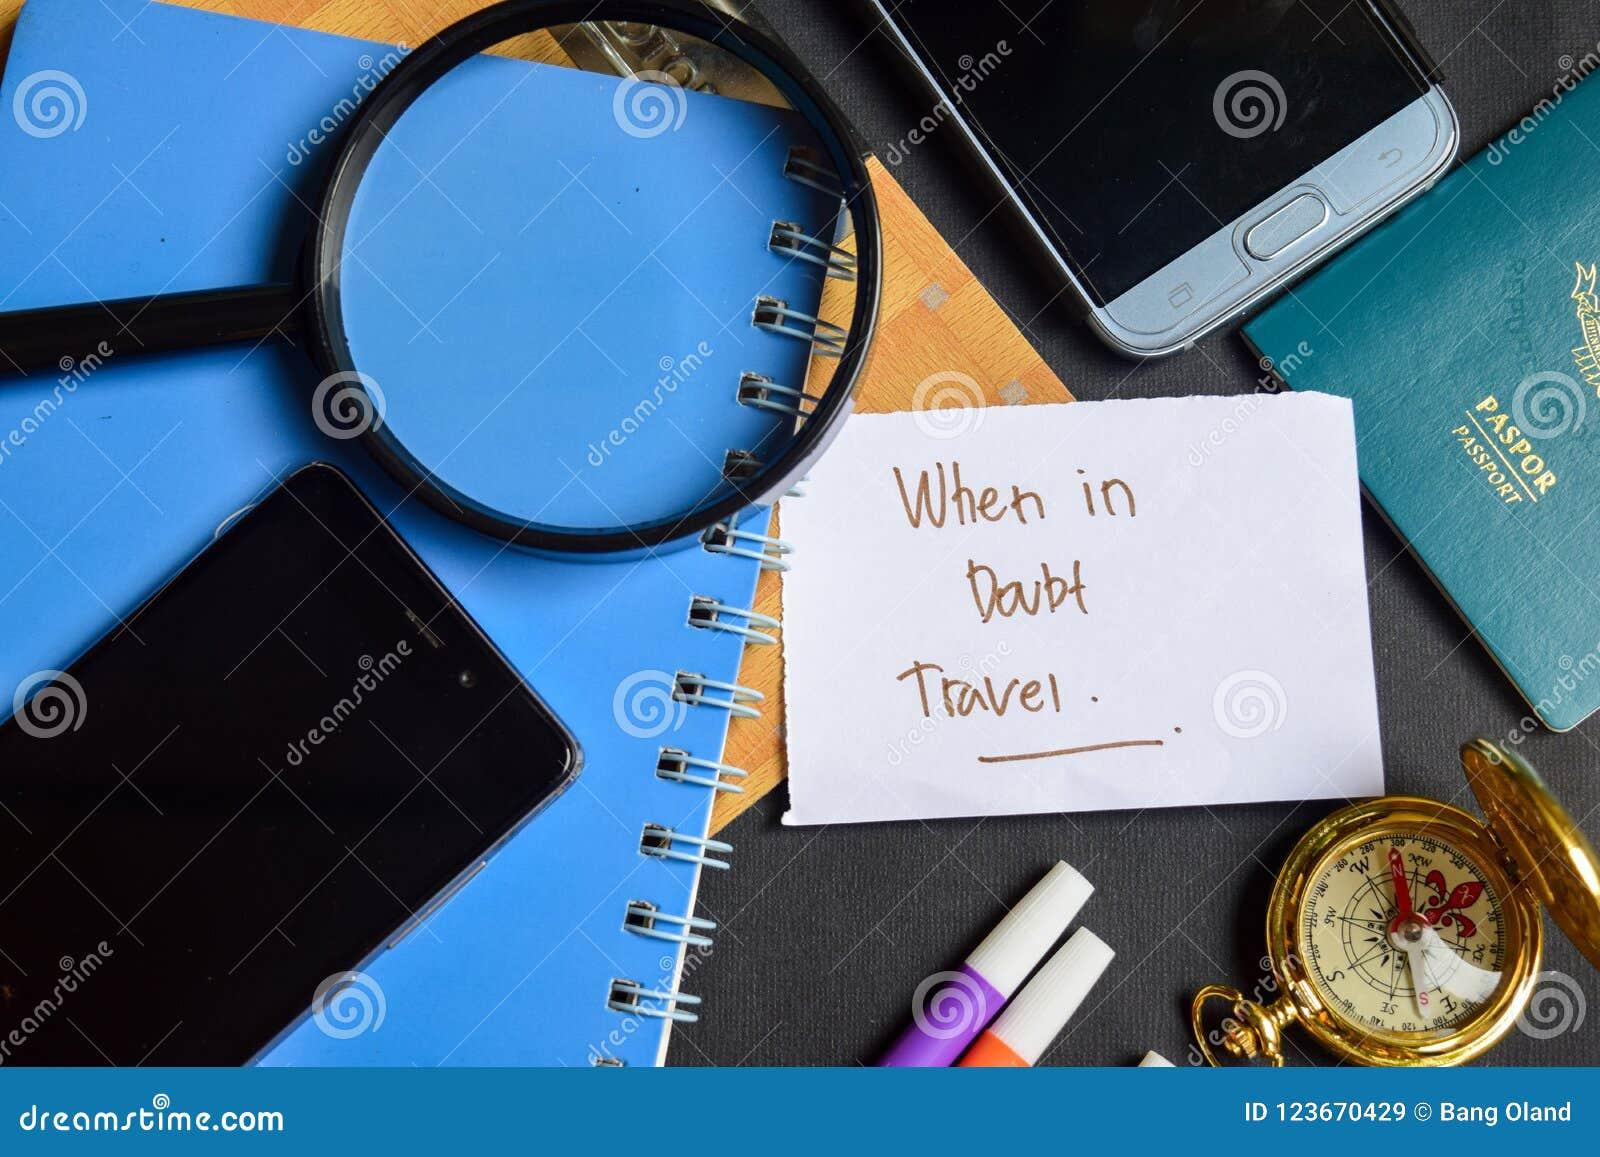 Gdy wątpliwy Podróżuje pisać na papierze paszport, powiększa - szkło, kompas, Smartphone